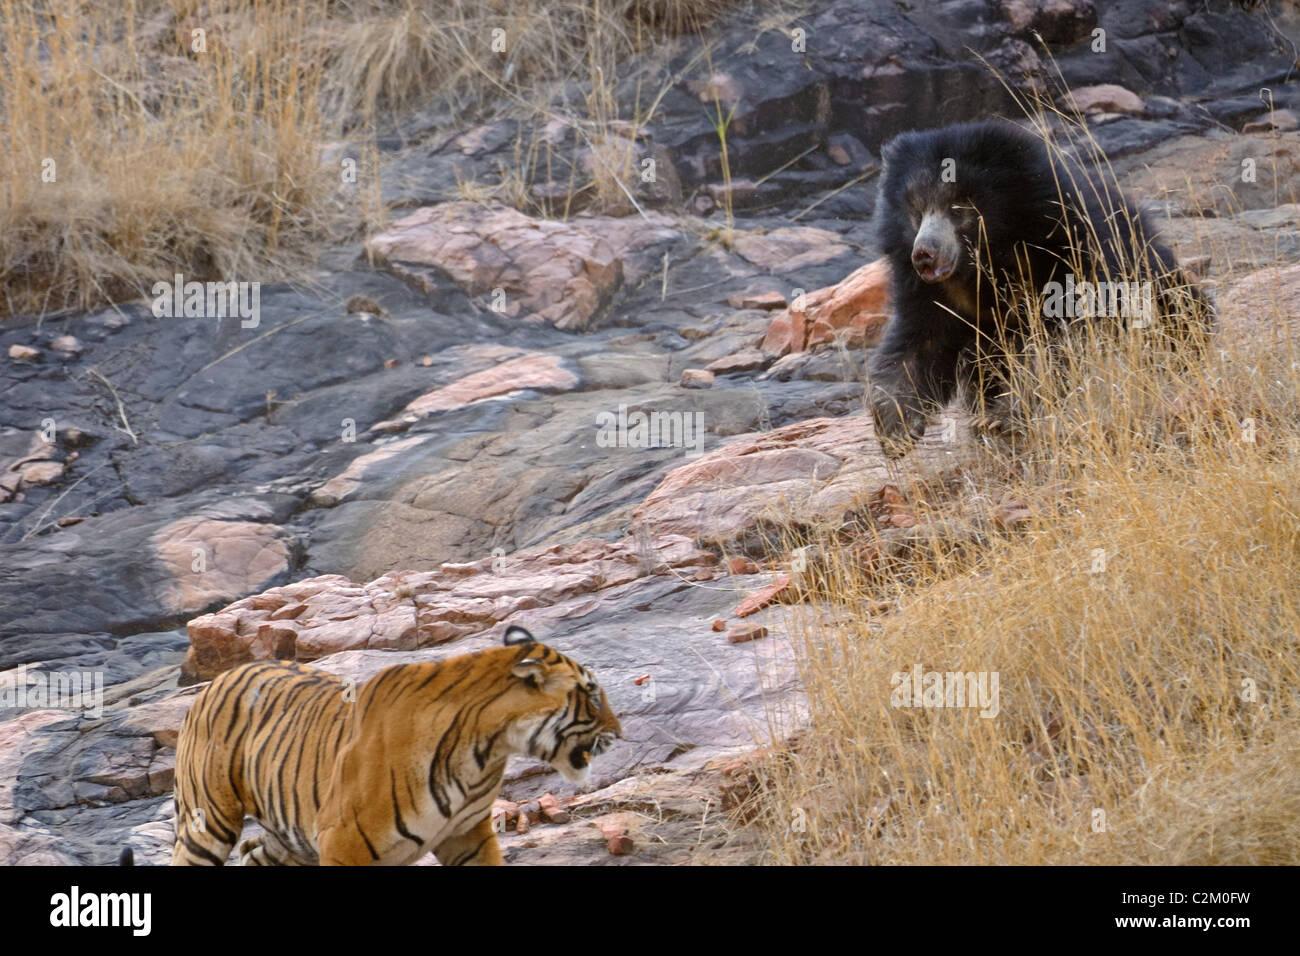 Madre orsa con cuccioli di due sulla sua schiena combatte un tigri selvatiche in Ranthambhore national park, India Immagini Stock